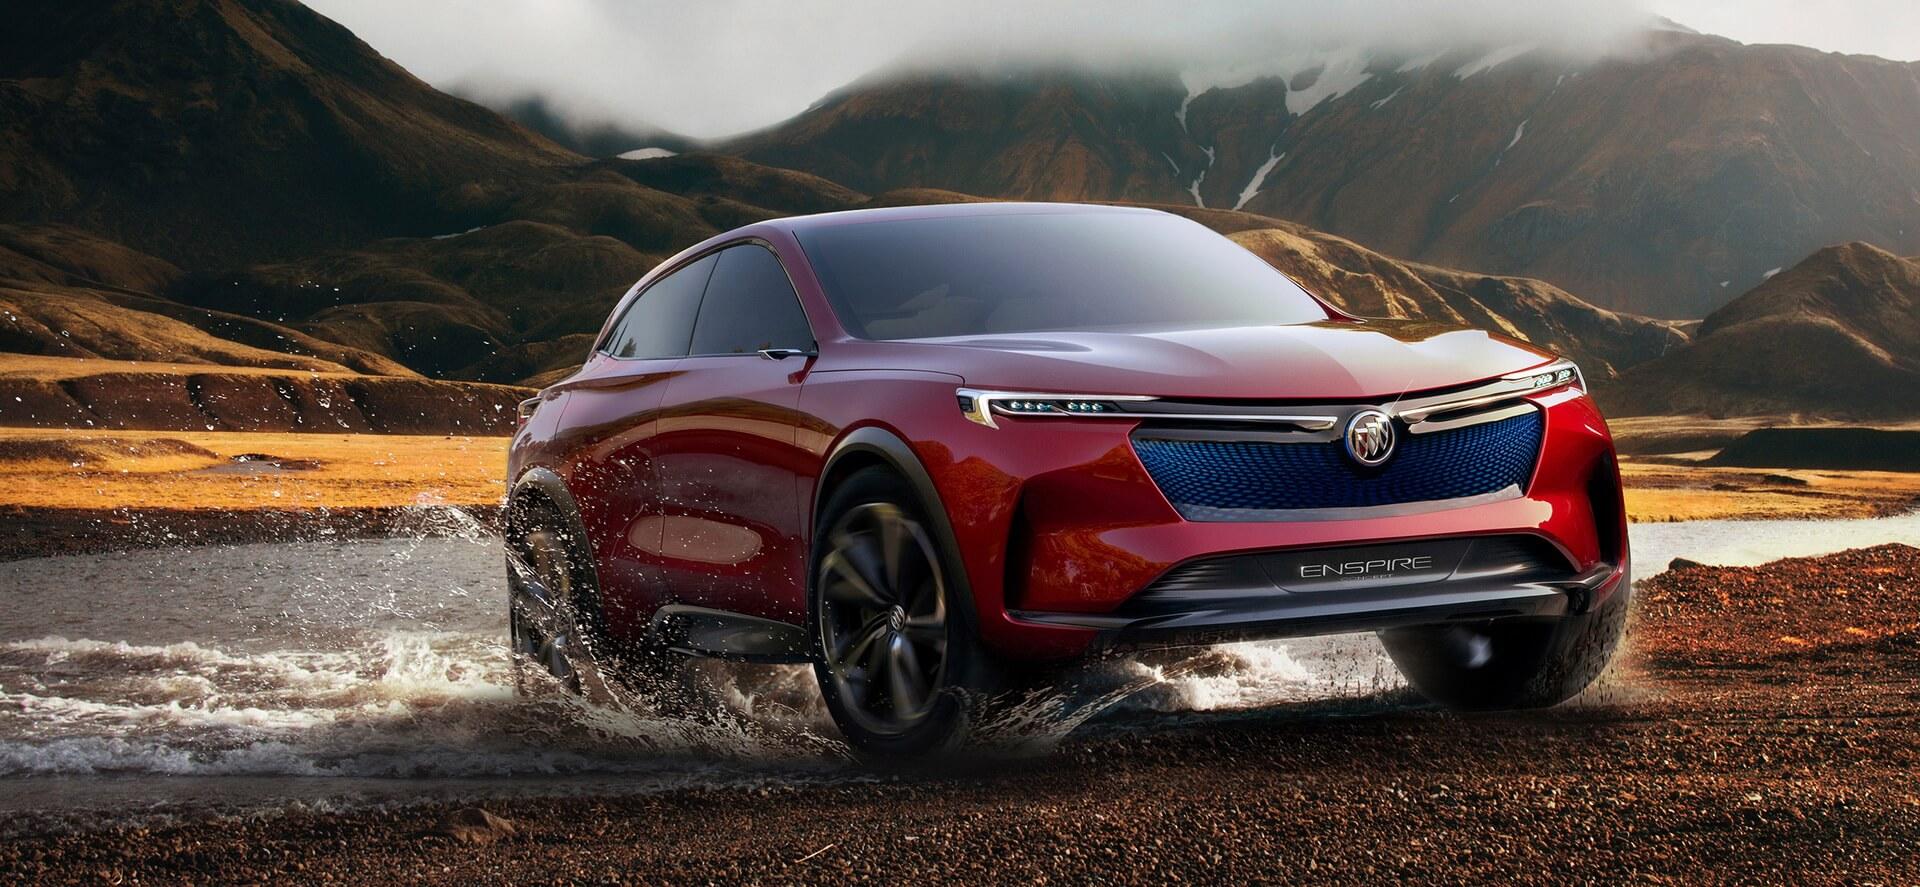 Концепт электрического внедорожника Buick Enspire